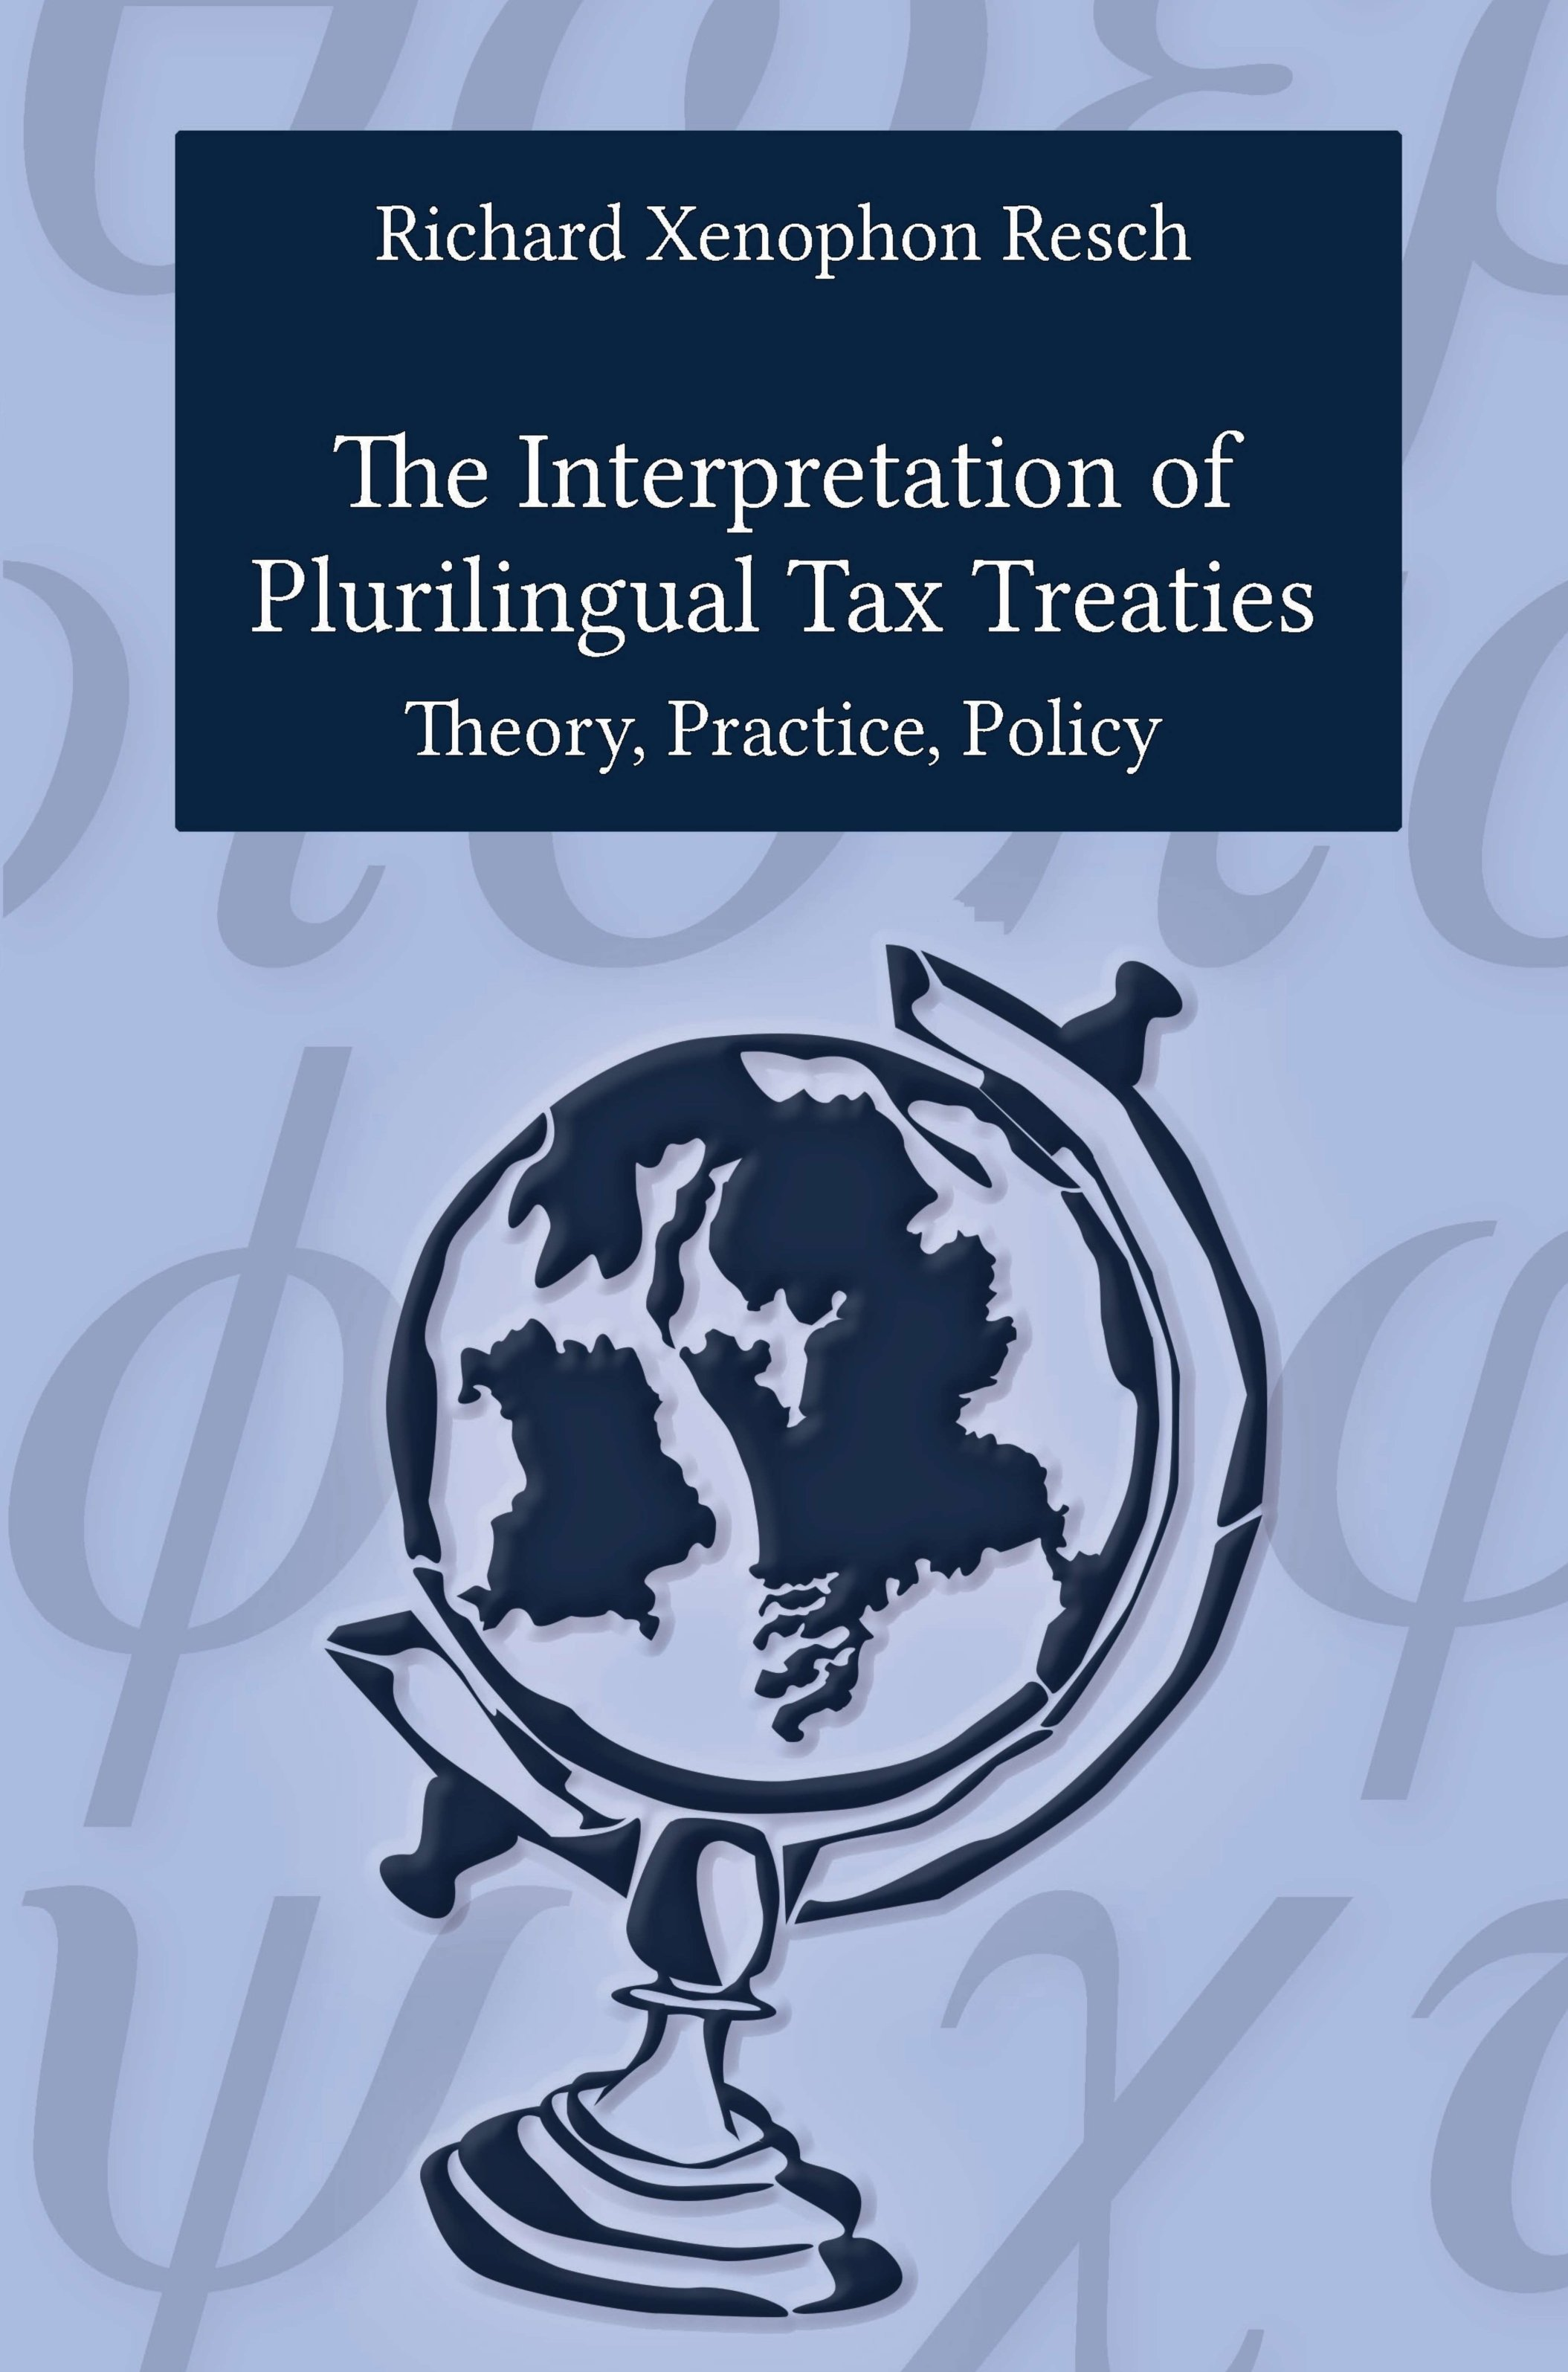 The Interpretation of Plurilingual Tax Treaties - How to interpret international laws